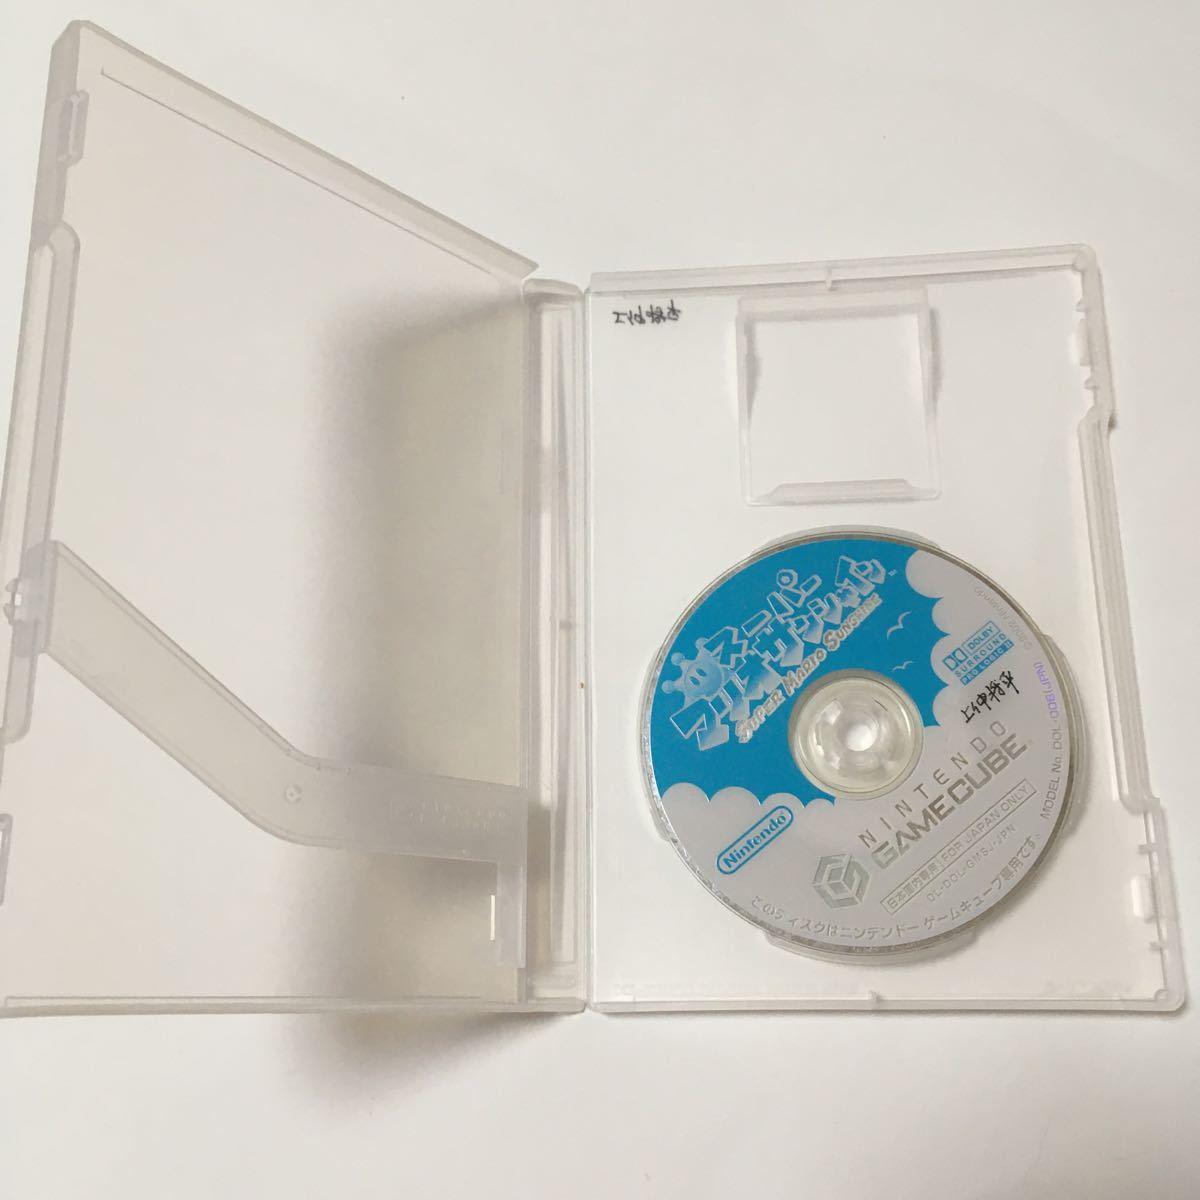 ゲームキューブ ソフト スーパーマリオサンシャイン ディスクのみ 動作確認済み